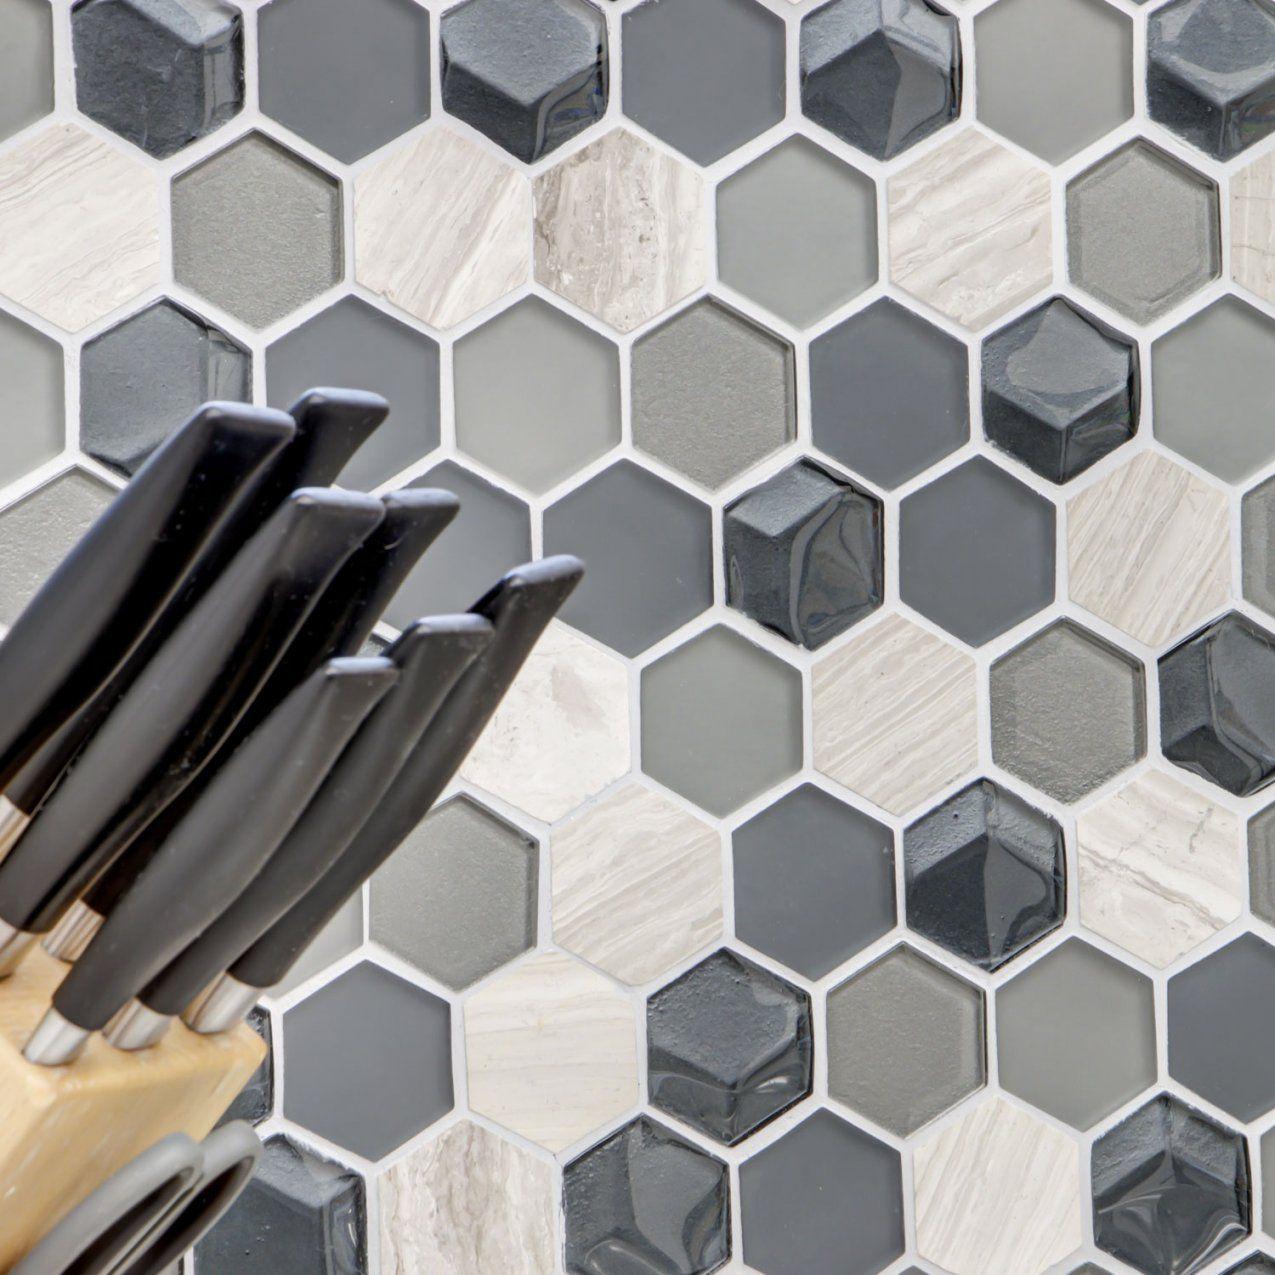 Mosaik fliesen restposten - Granitfliesen restposten gunstig ...